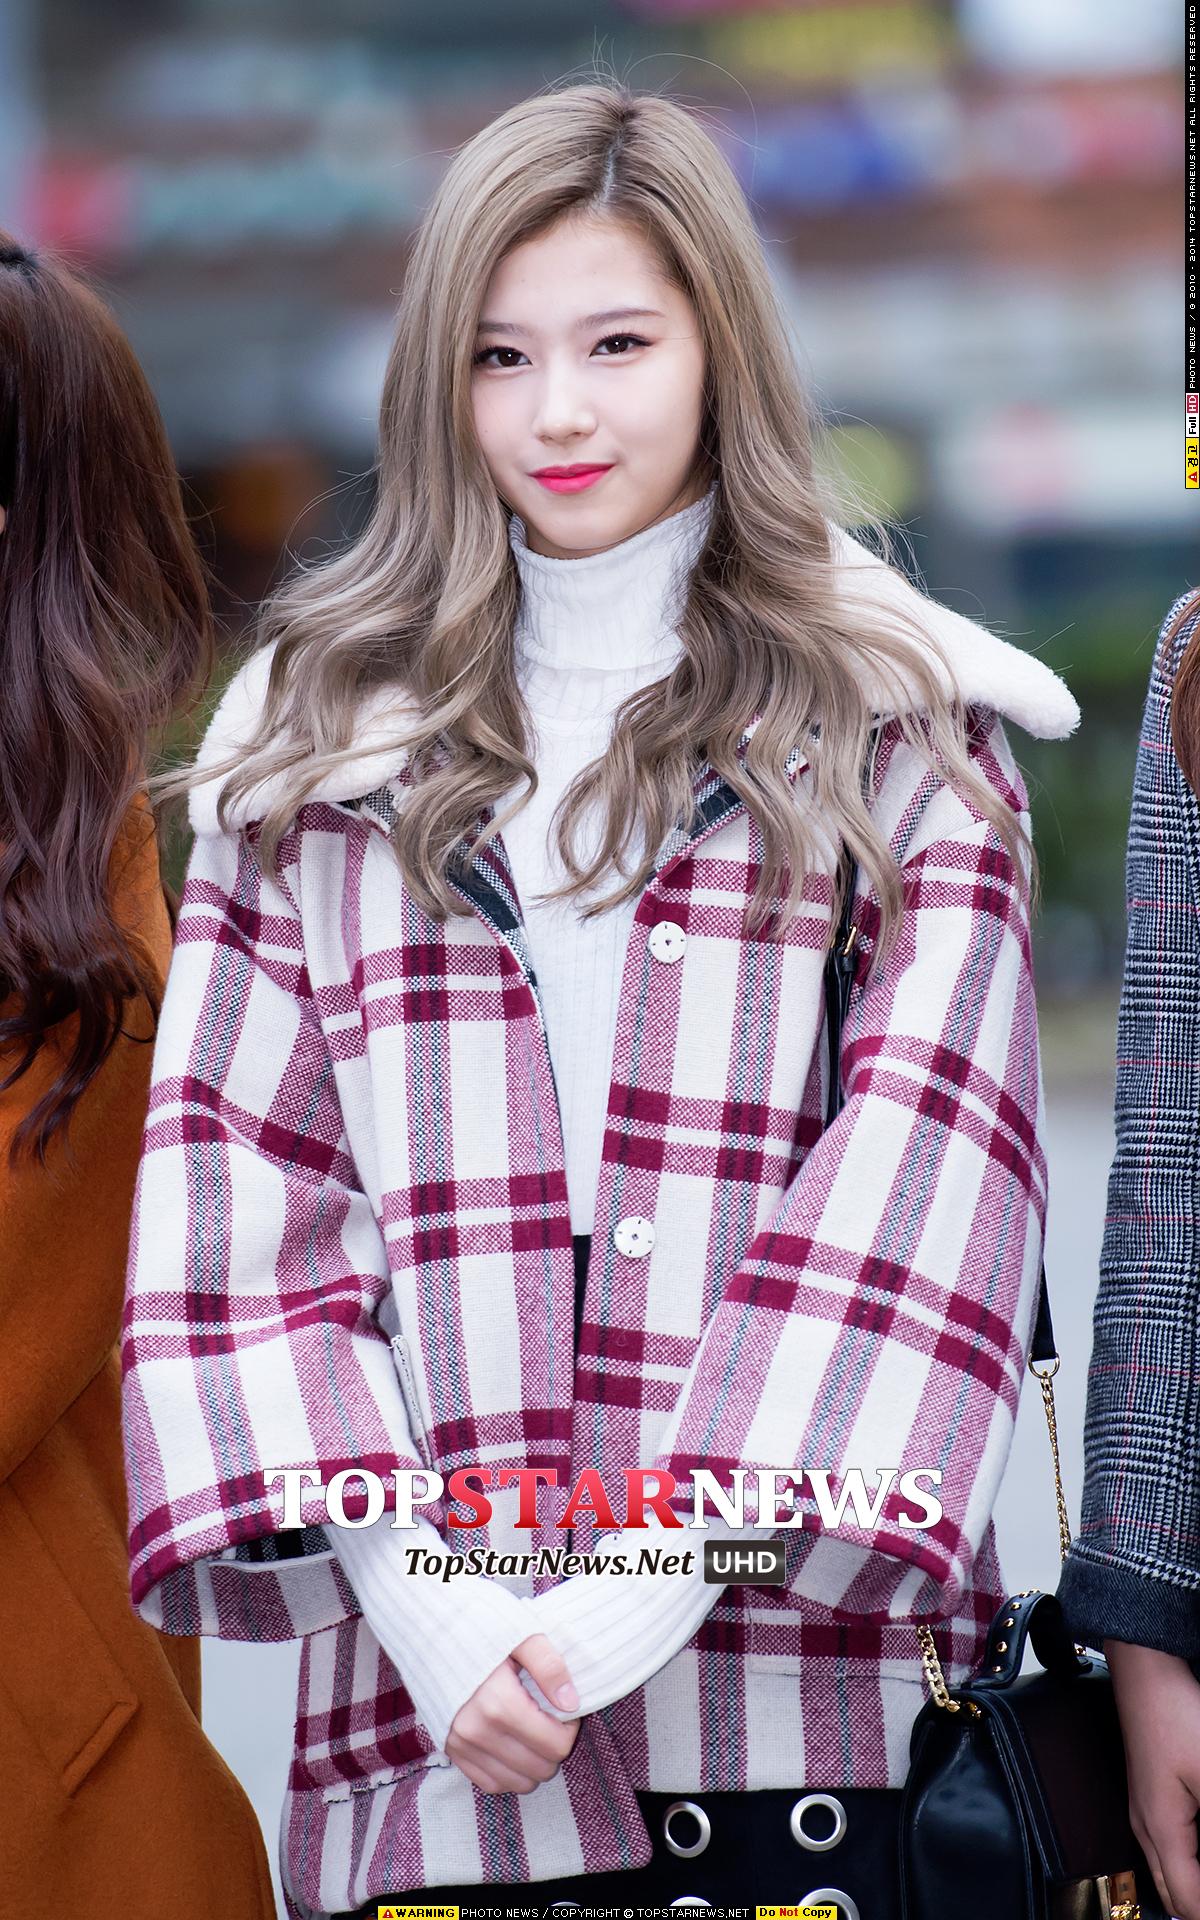 Sana在出道MV《Like OOH-AHH》中展現了可愛的脫線魅力,獲得了大眾關注, 甜美中自帶貴族氣息的翻領厚呢外套,用經典的紅灰黑三色格子搭配消化, 內襯低調白色打底衫,保暖與時尚兼具!